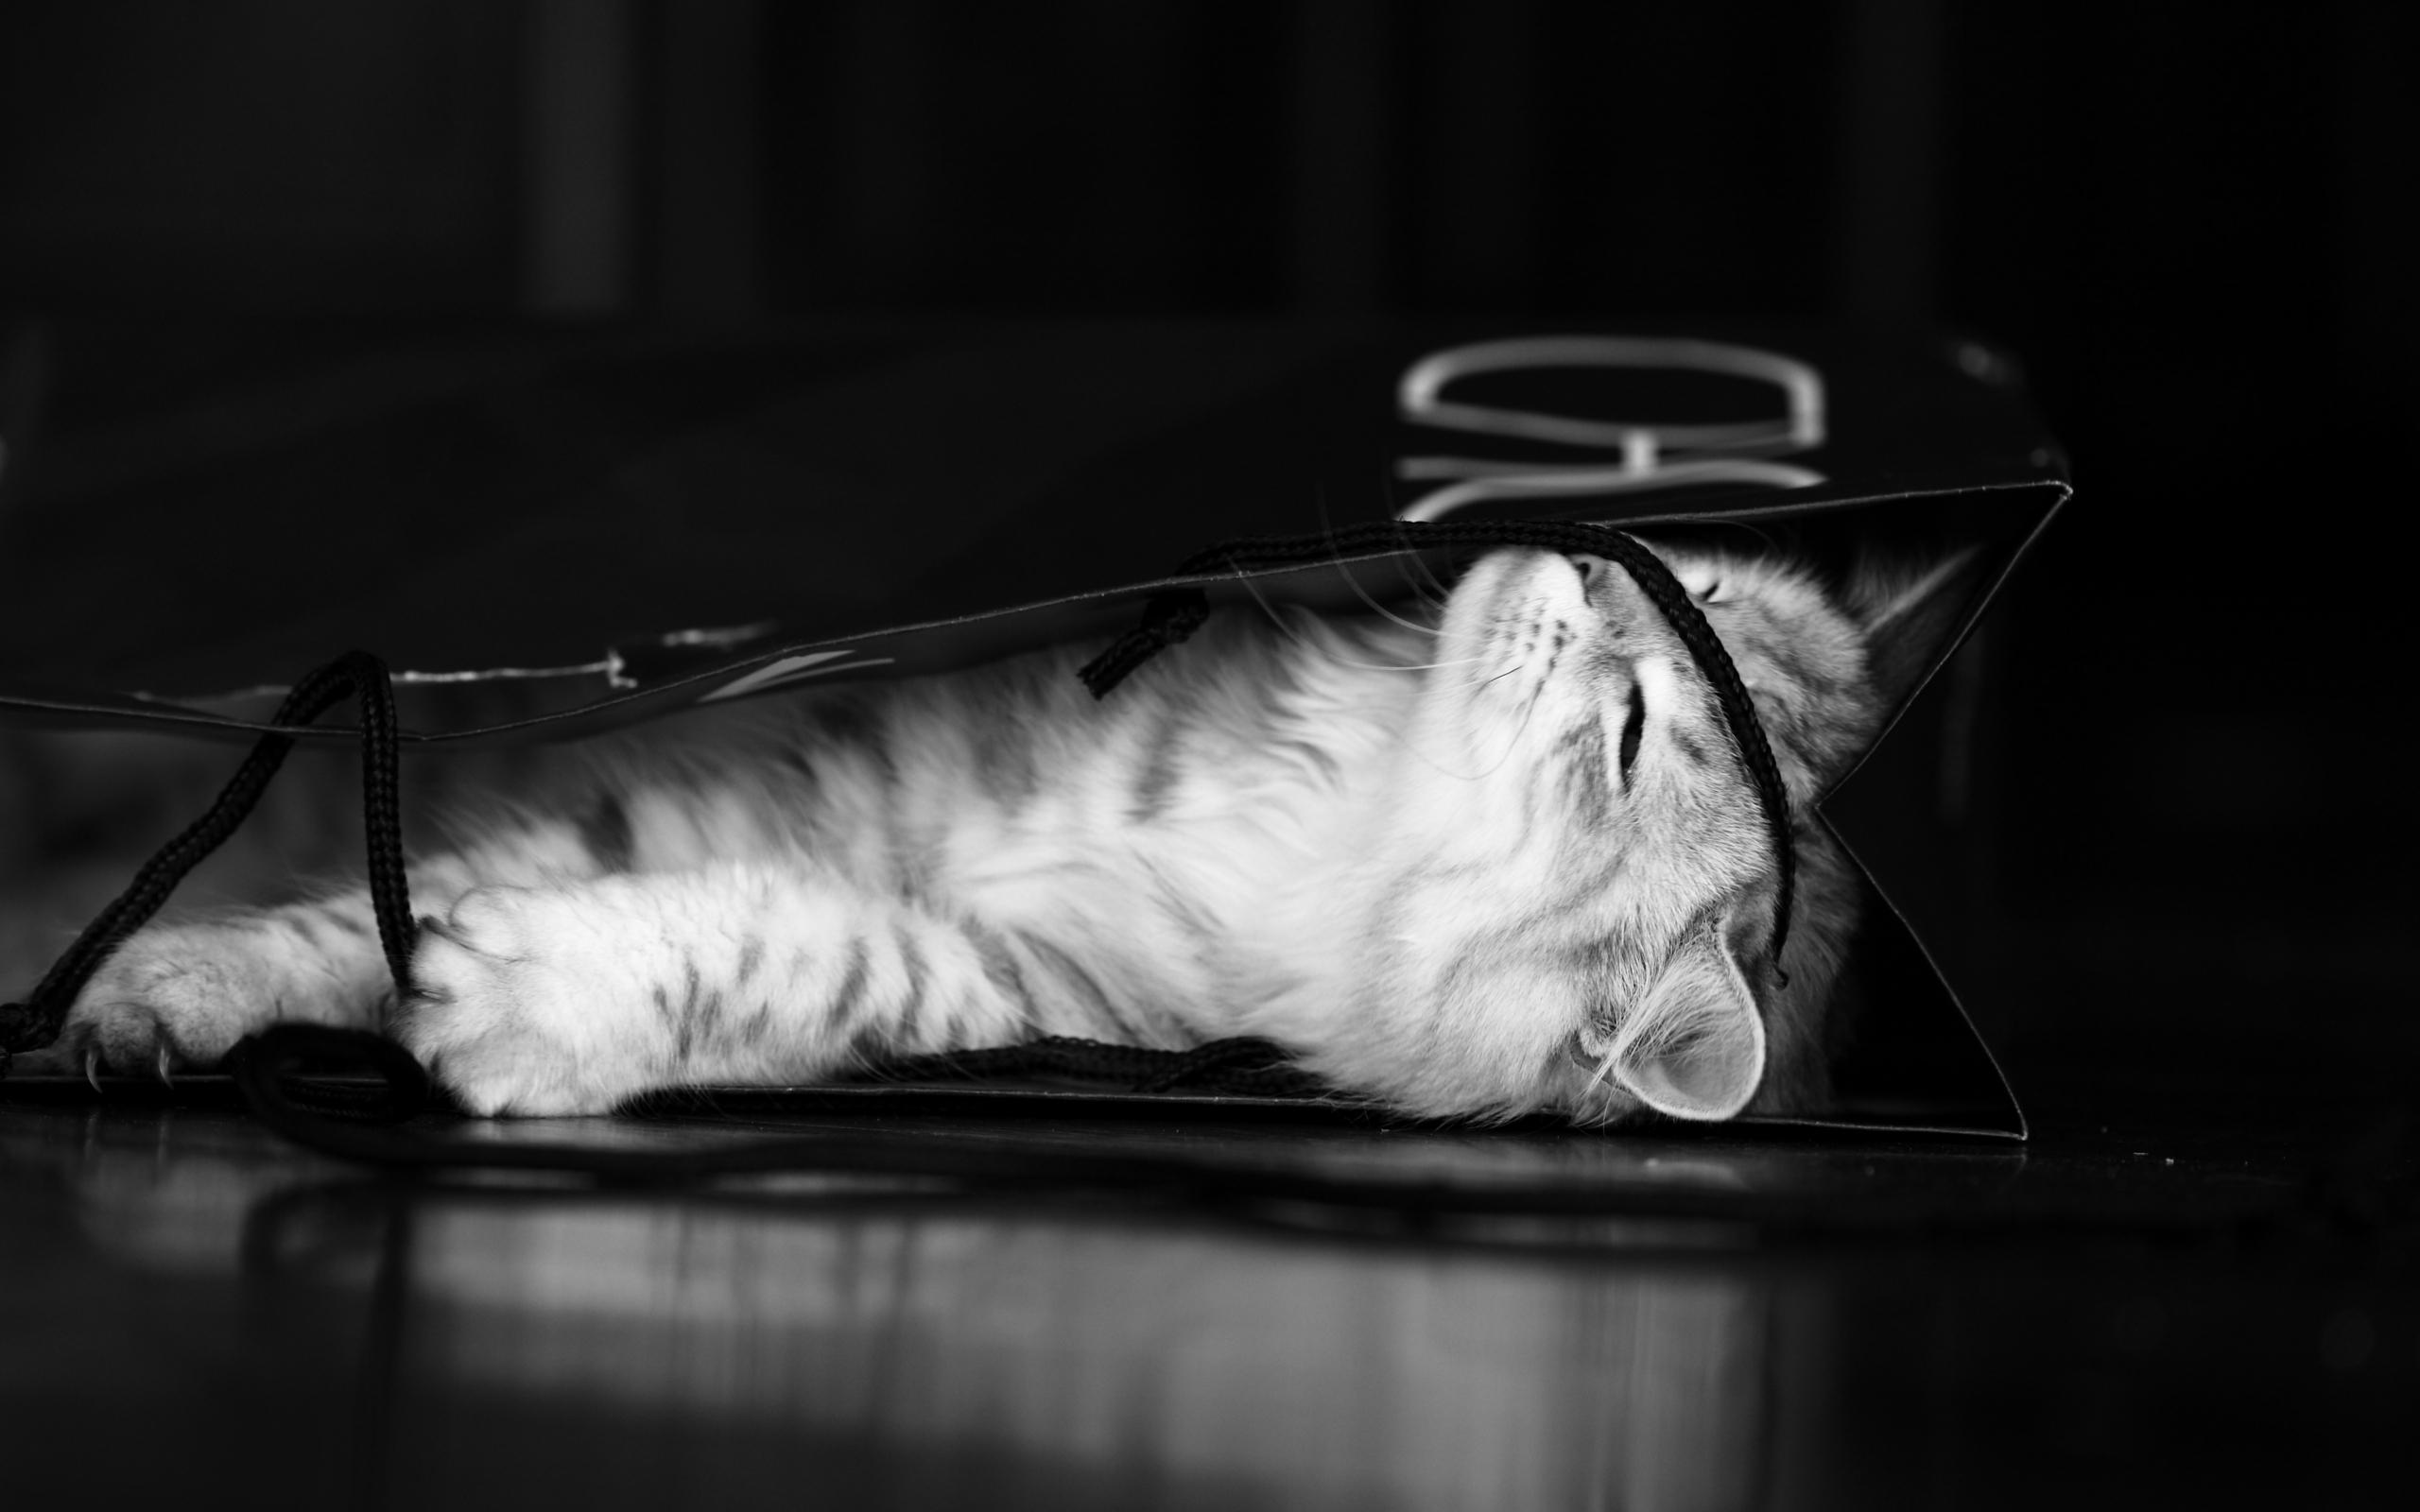 концу черный и белый котята на столе картинка выделяет пять игроков